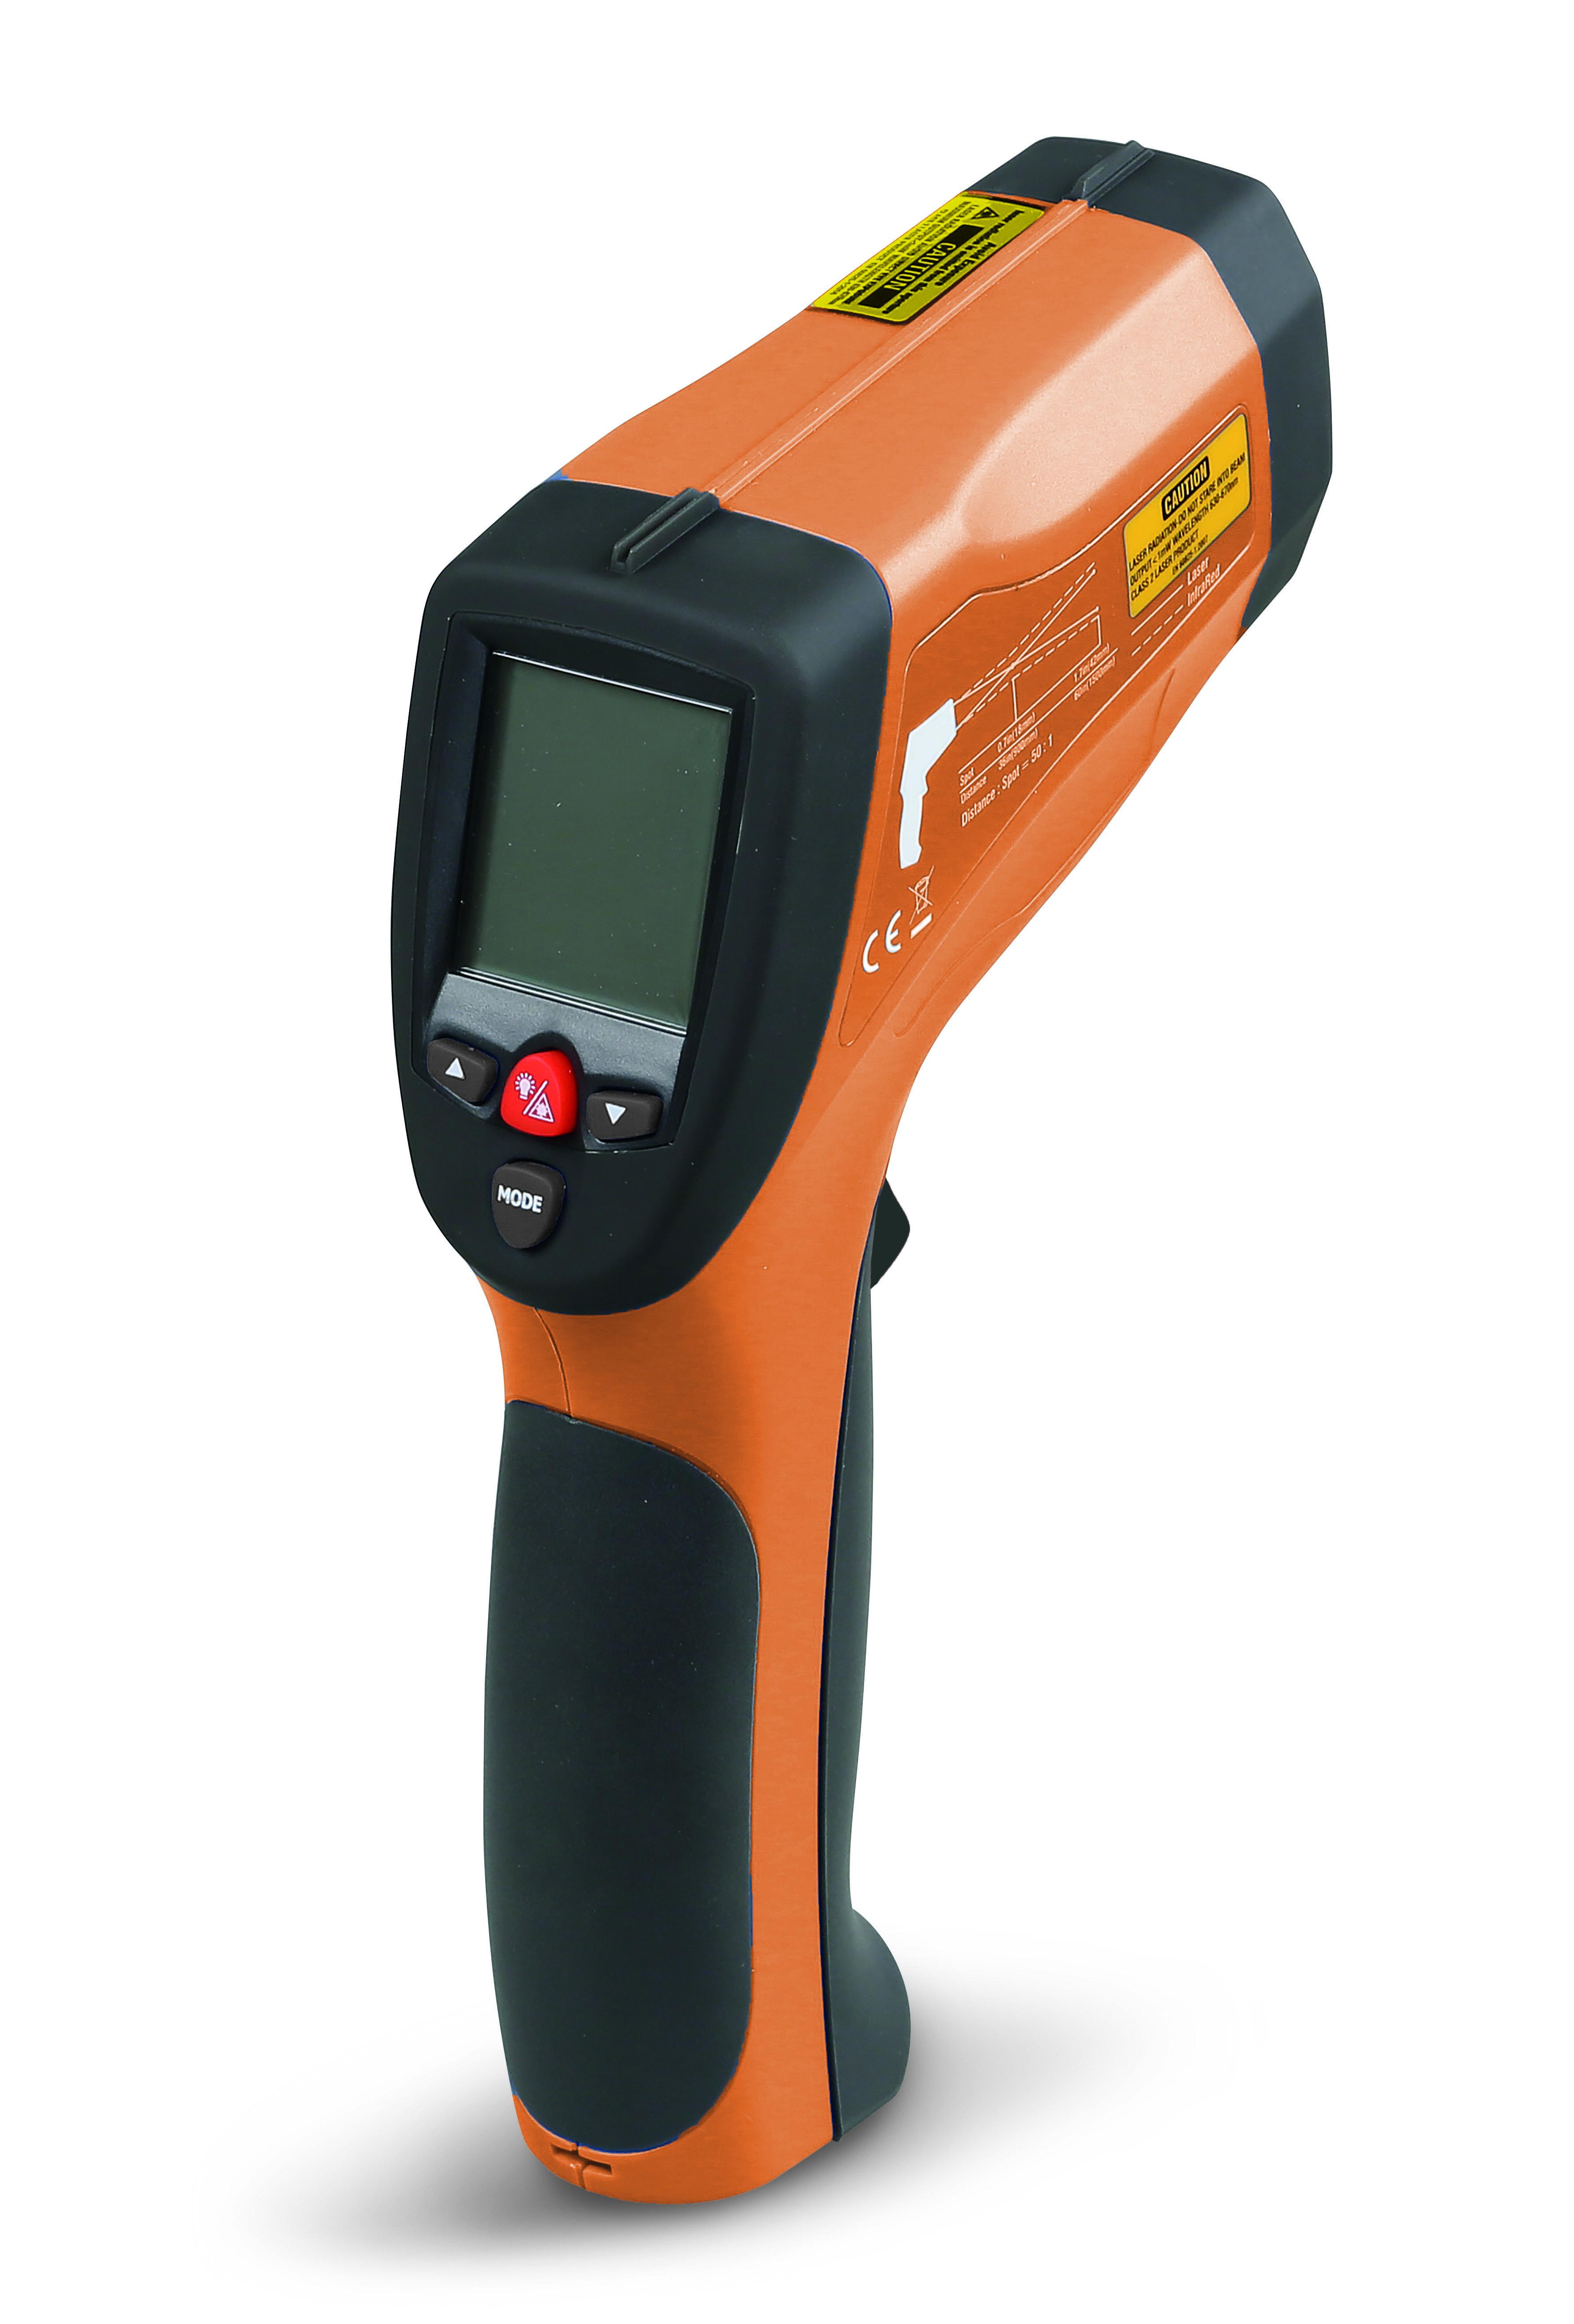 Digitaalne infrapuna termomeeter, ühe laserkiirega